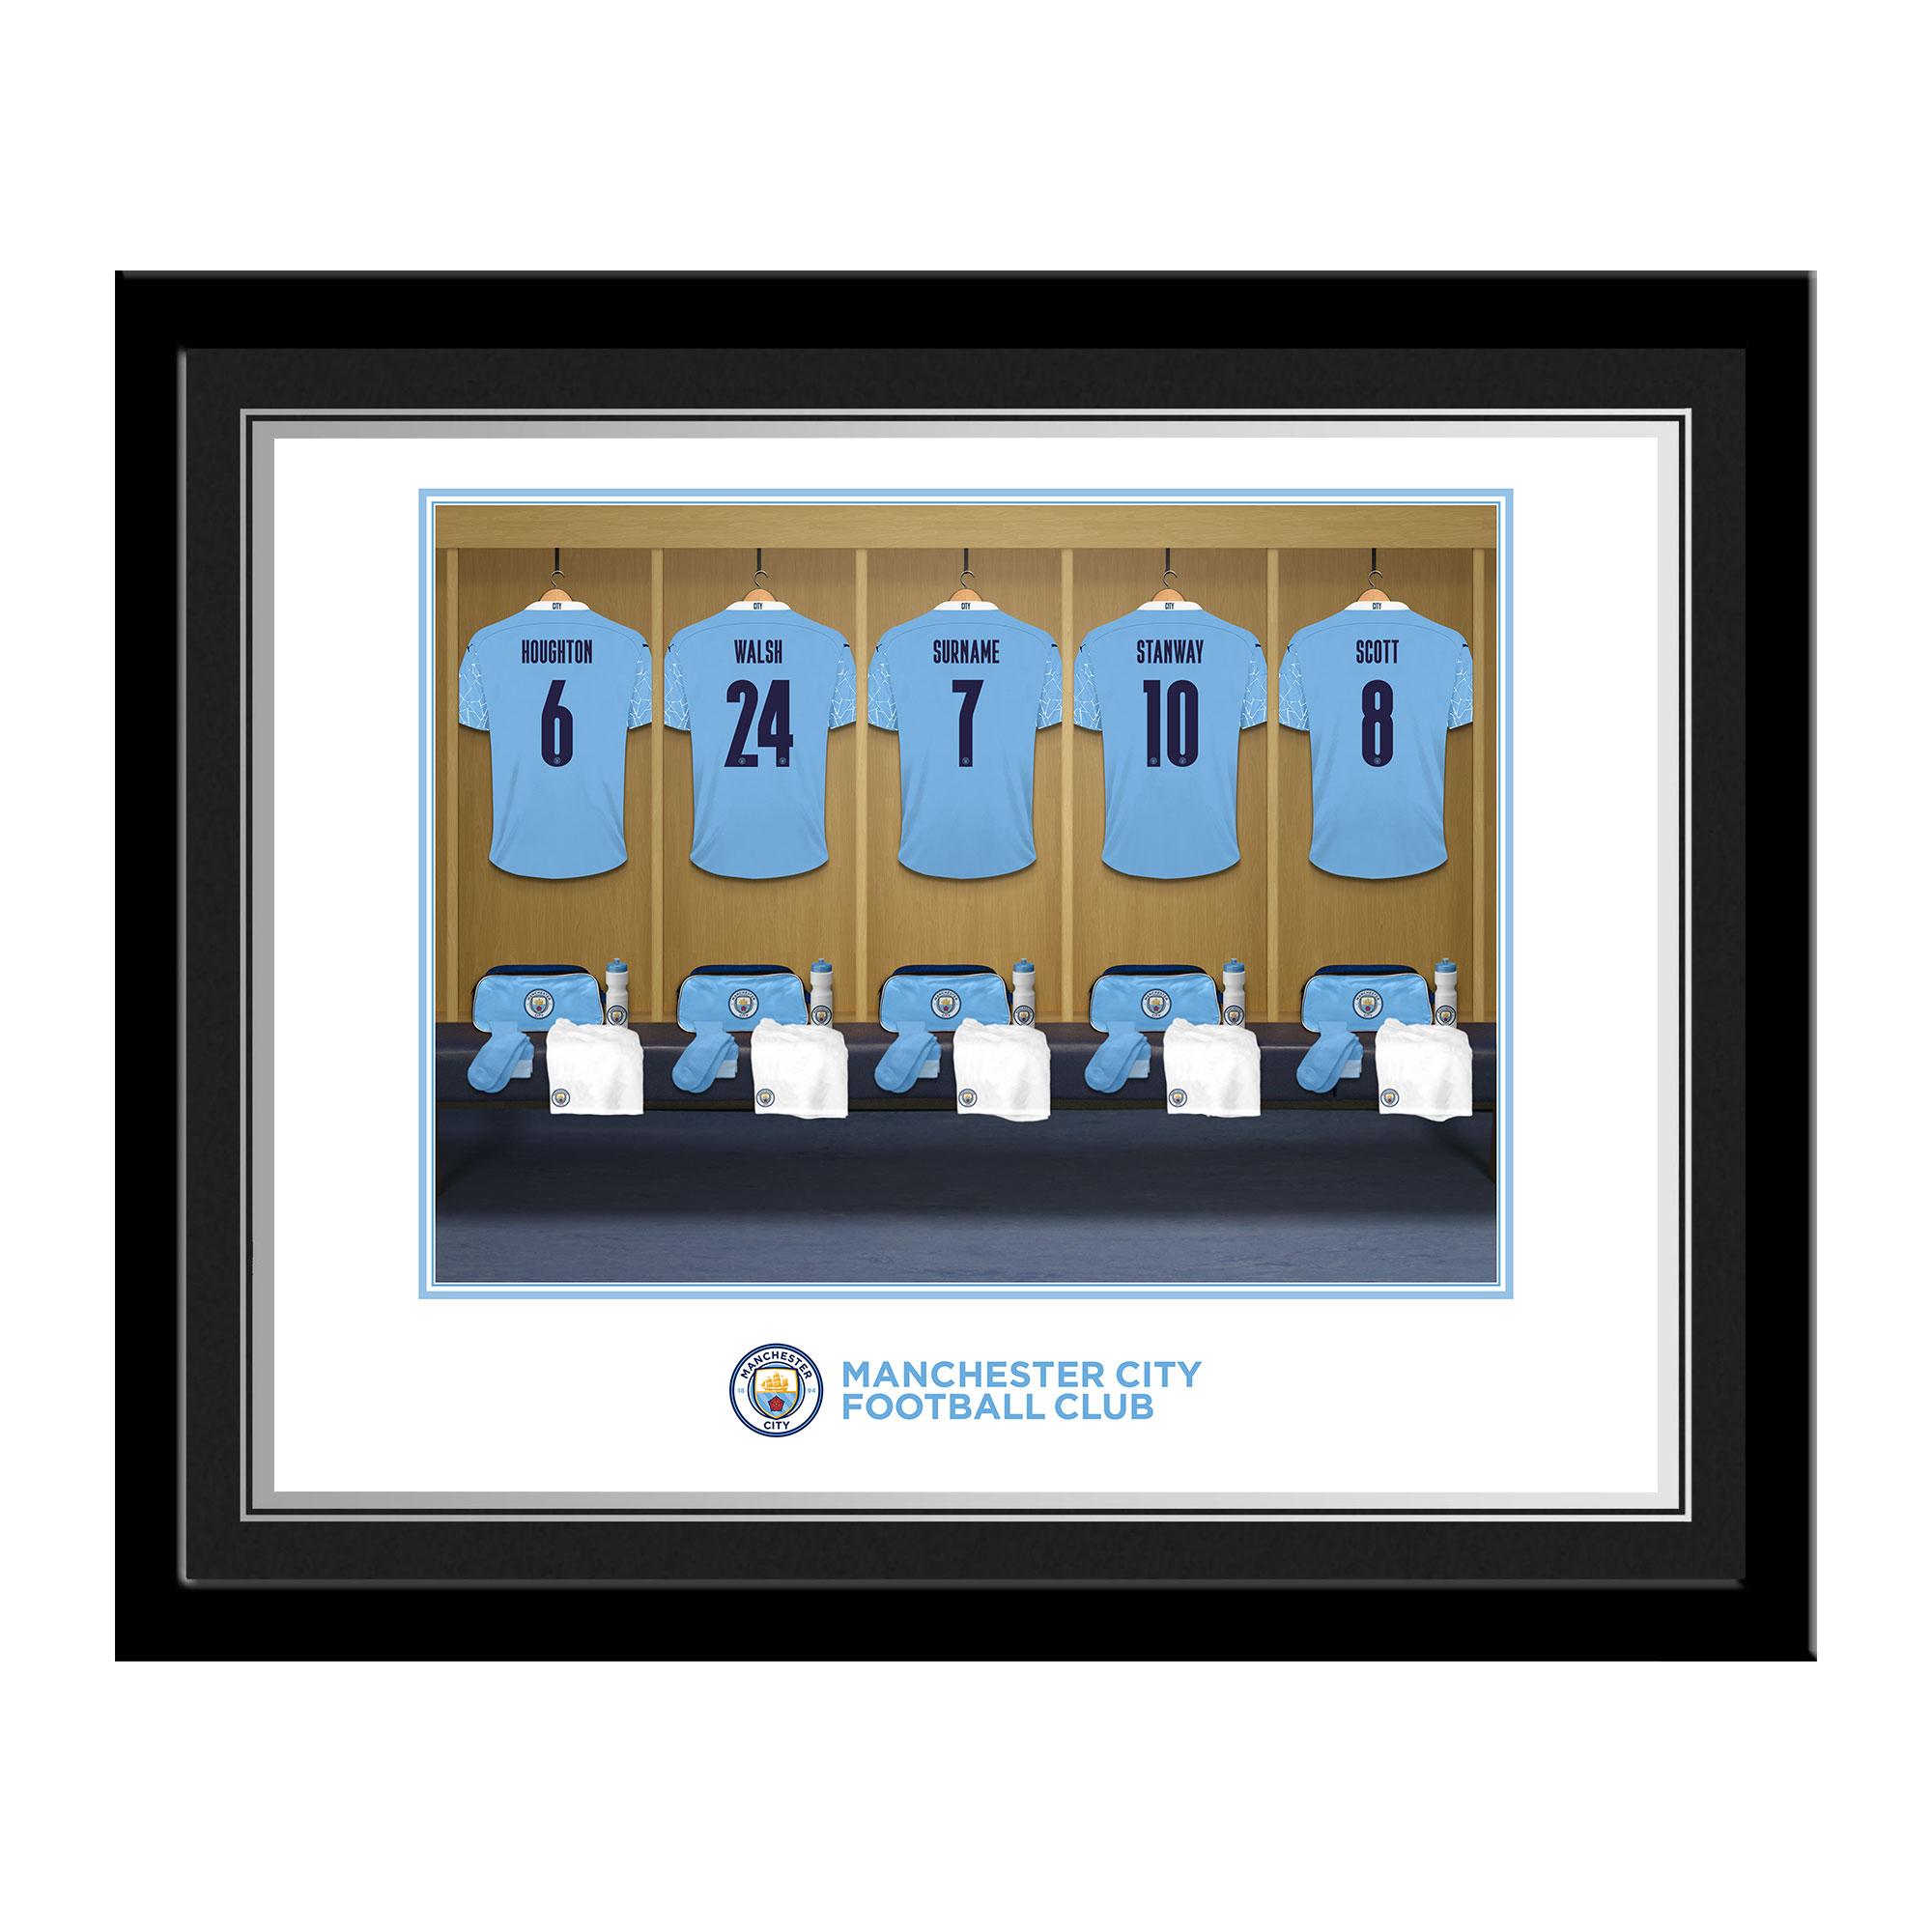 Manchester City FC Women's Team Dressing Room Photo Framed